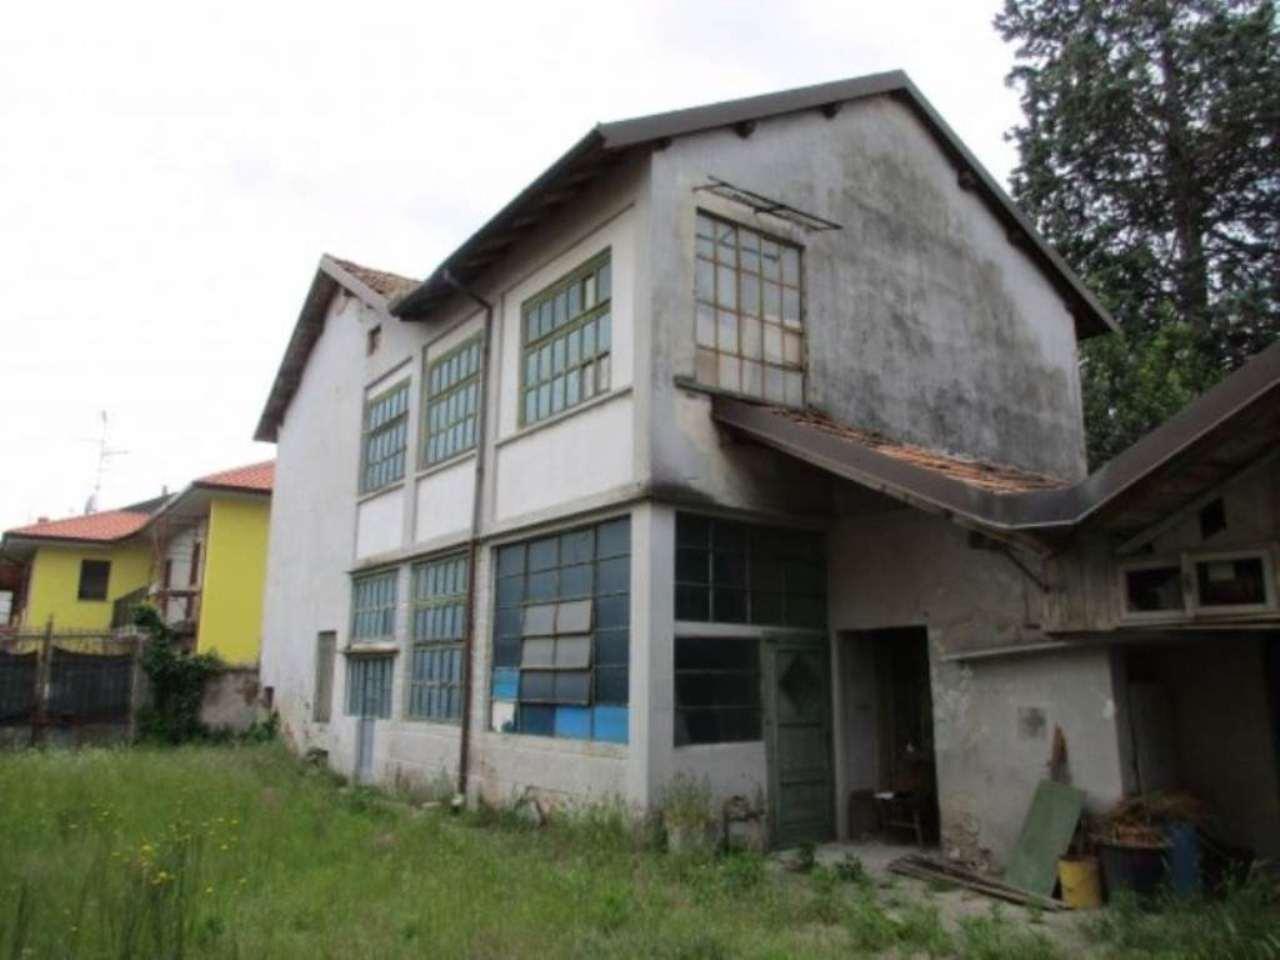 Villa in vendita a Cassano Magnago, 6 locali, prezzo € 77.000 | Cambio Casa.it